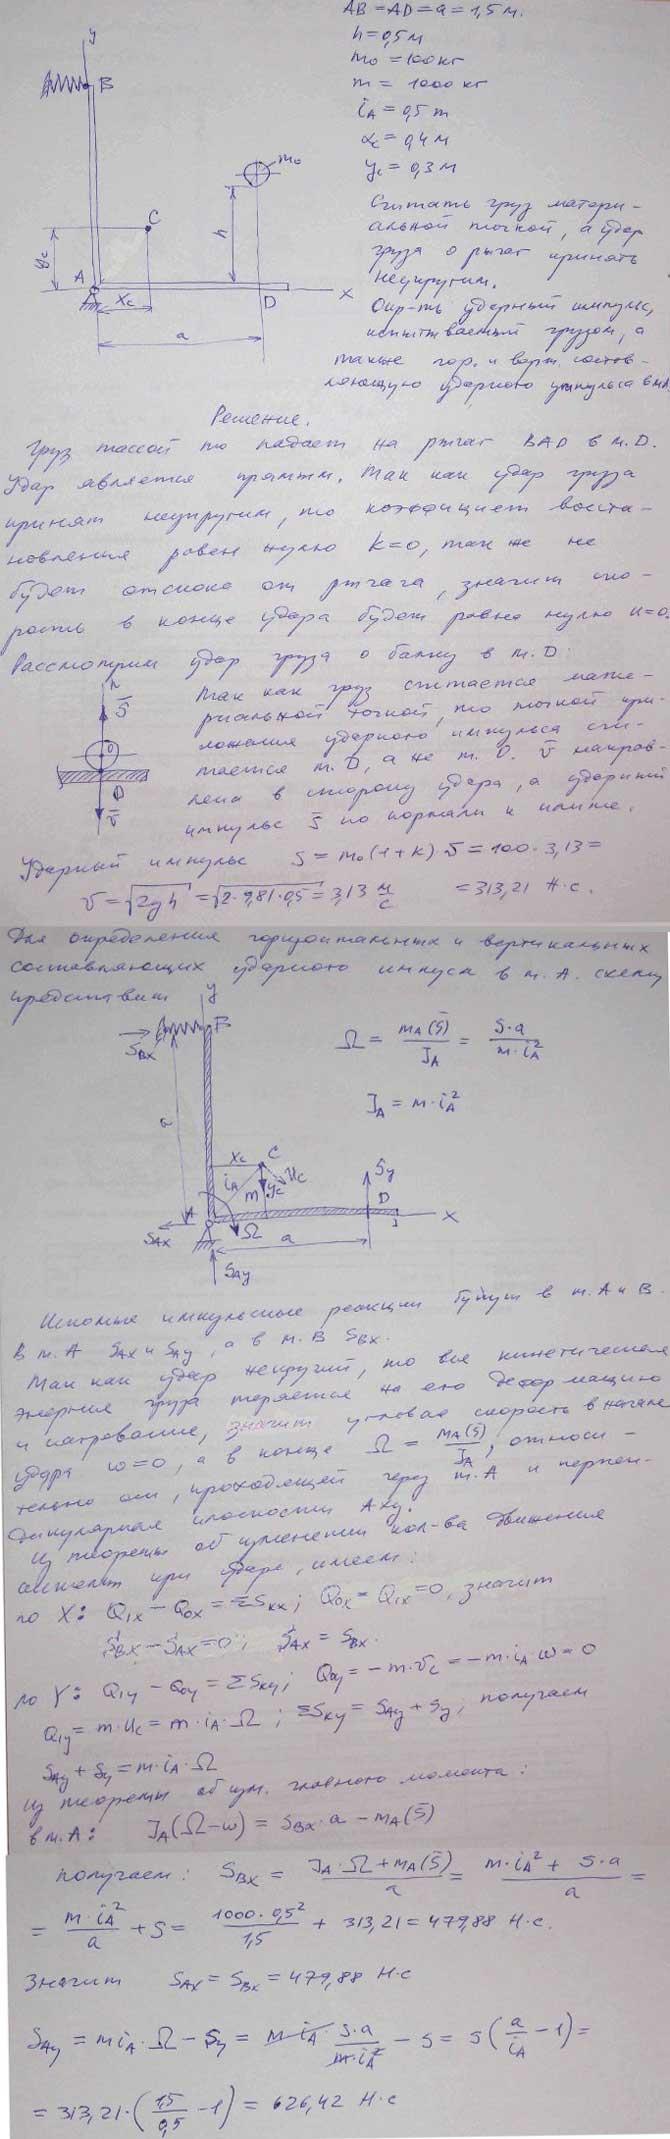 Яблонский задание Д13 вариант 7. Рычаг состоит из двух абсолютно жестких стержней AB и AD, соединенных под прямым углом. Рычаг имеет неподвижную горизонтальную ось вращения A и удерживается в точке B пружиной; AD = 1,5 м. В точку D го..., Задача 14970, Теоретическая механика